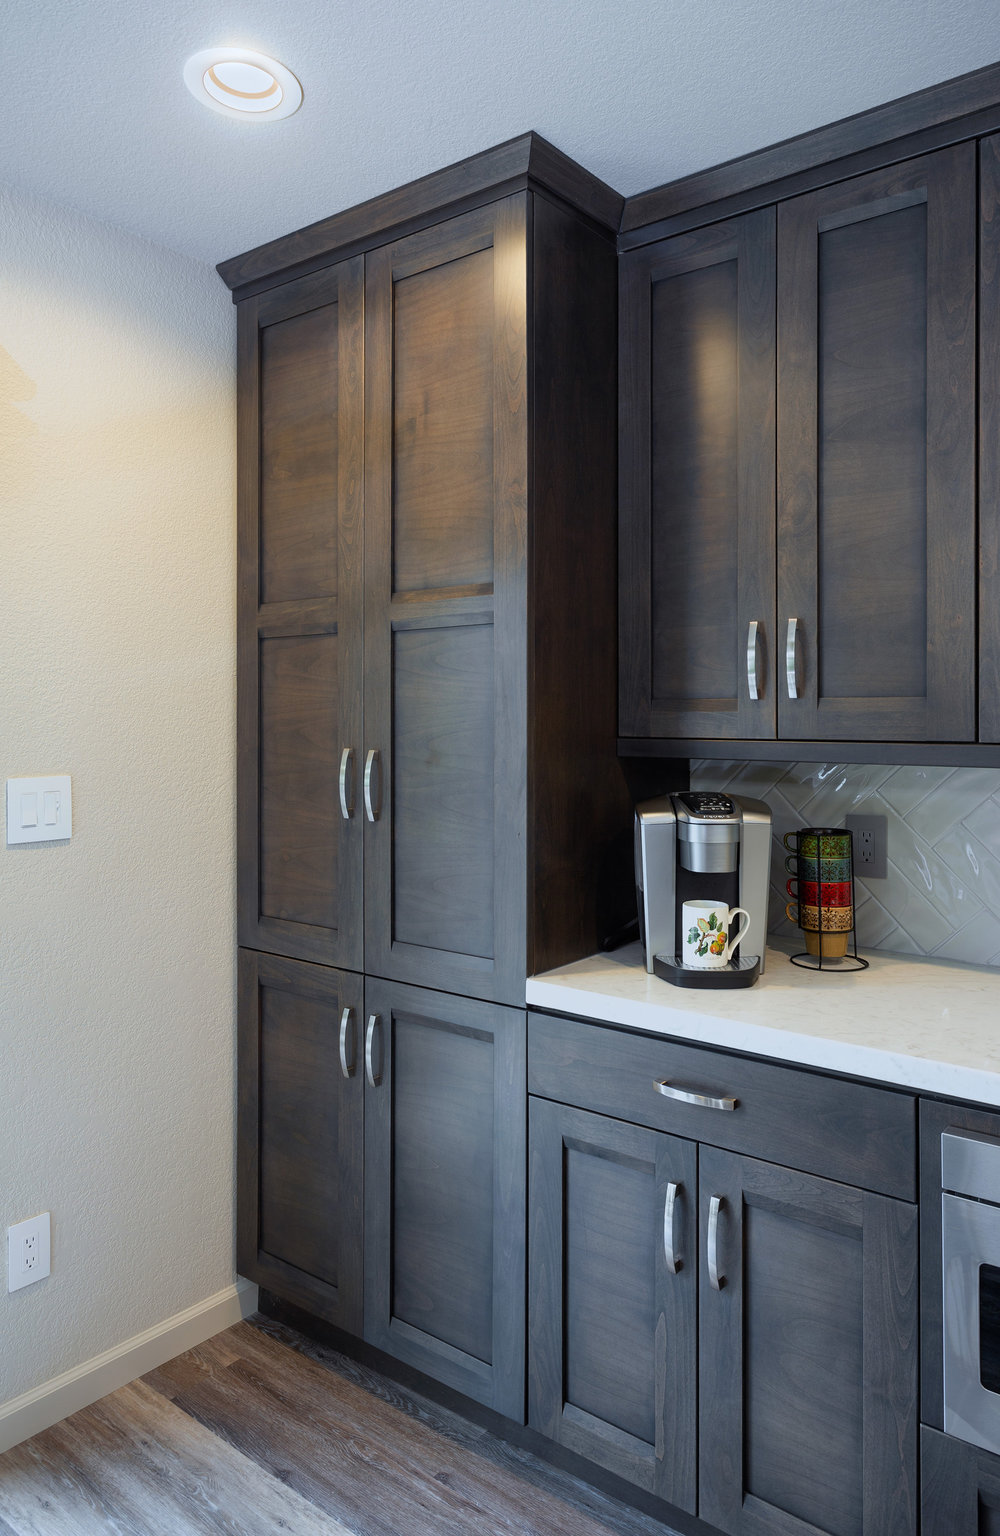 kitchen-remodel-lockeford-california-ktj-design-co-16.jpg